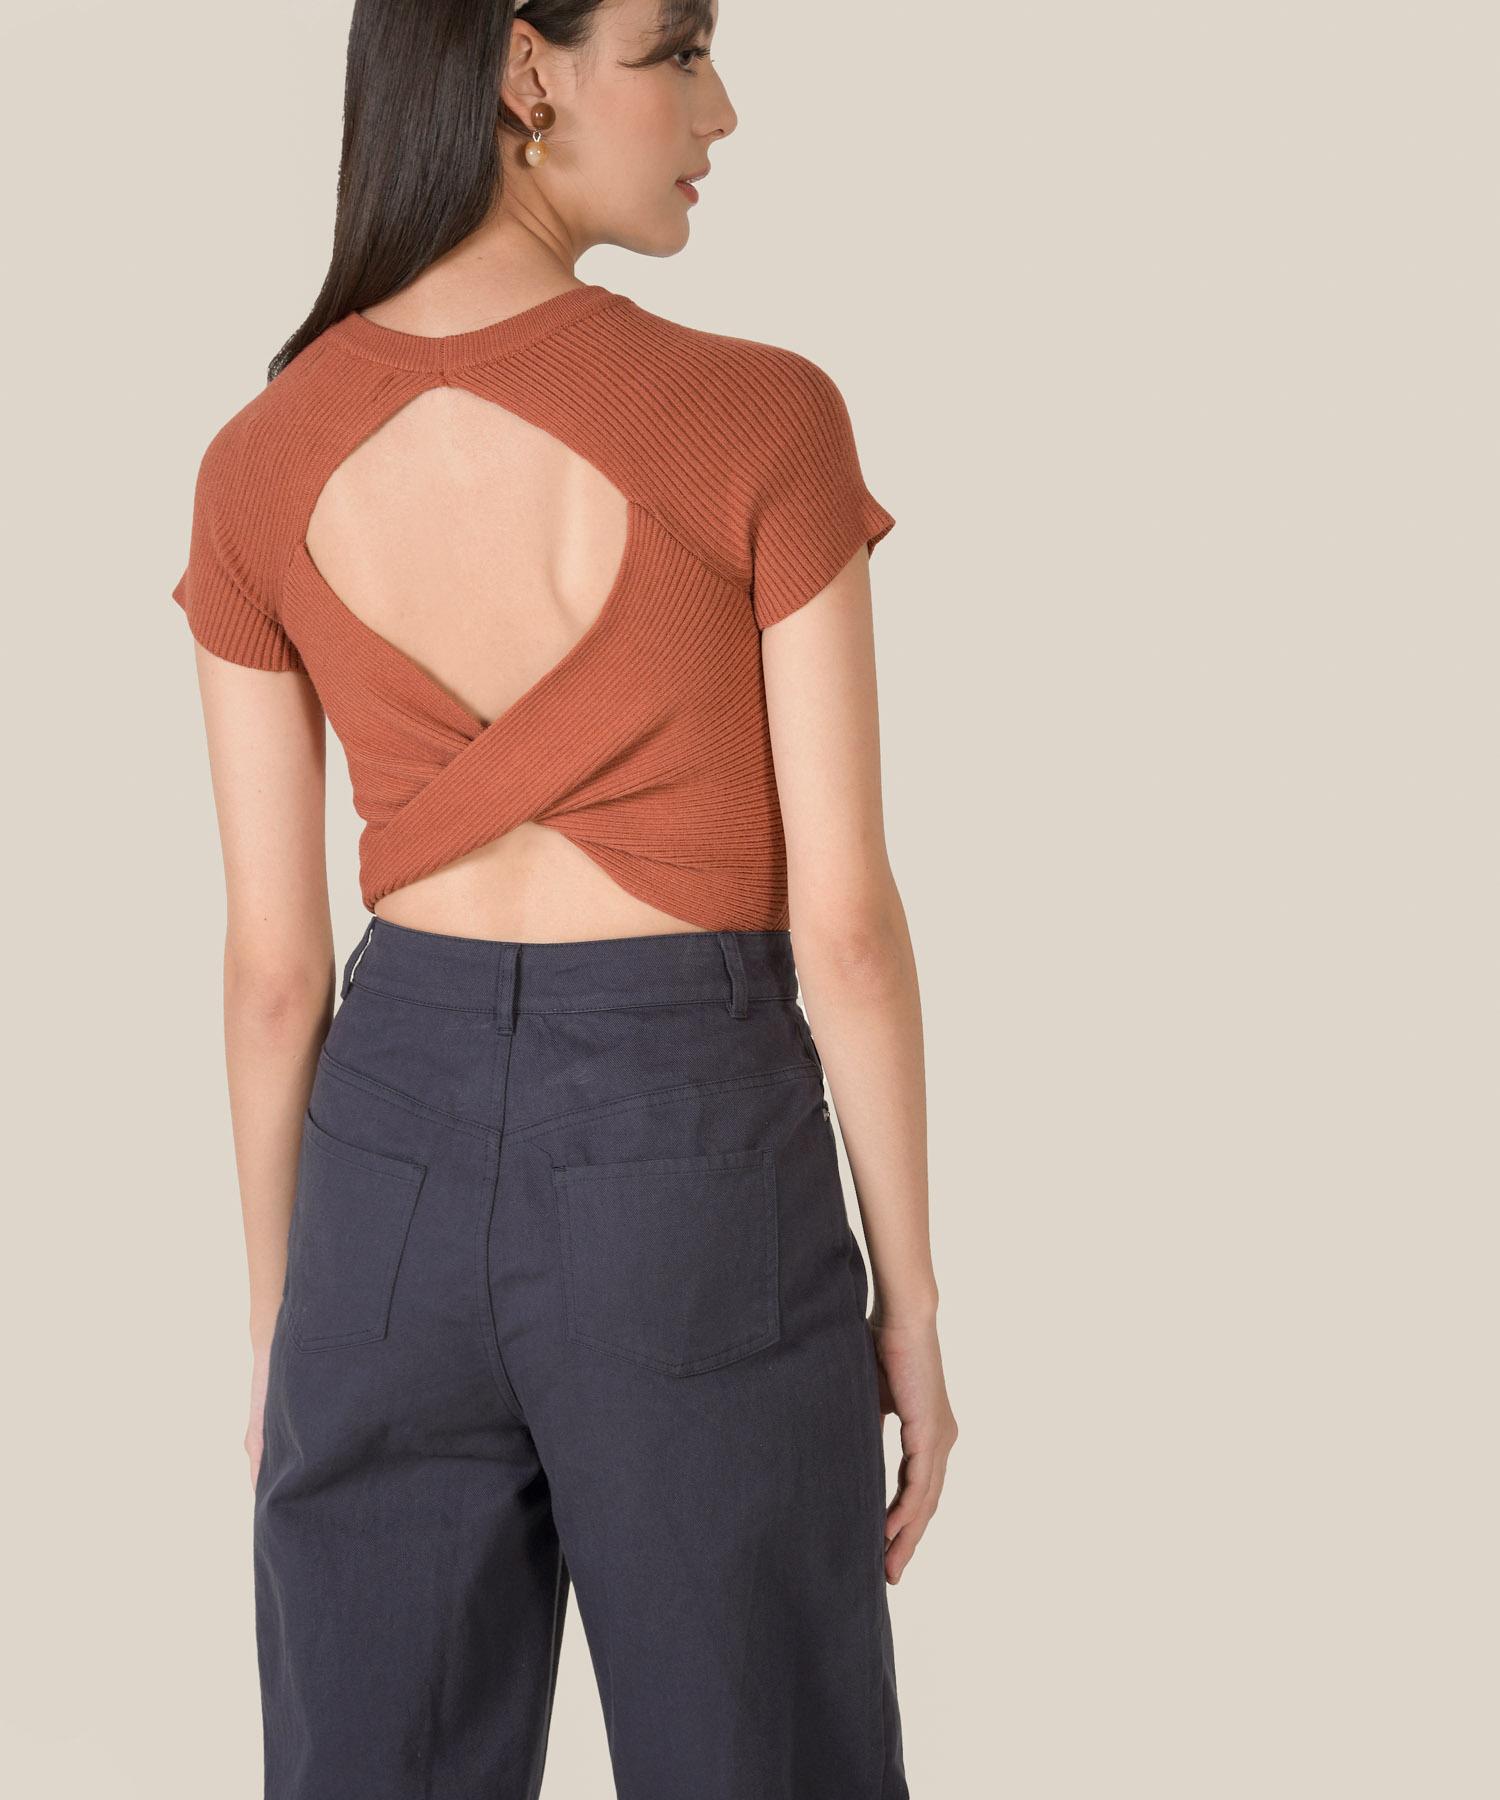 etta-knit-twist-back-top-burnt-sienna-1